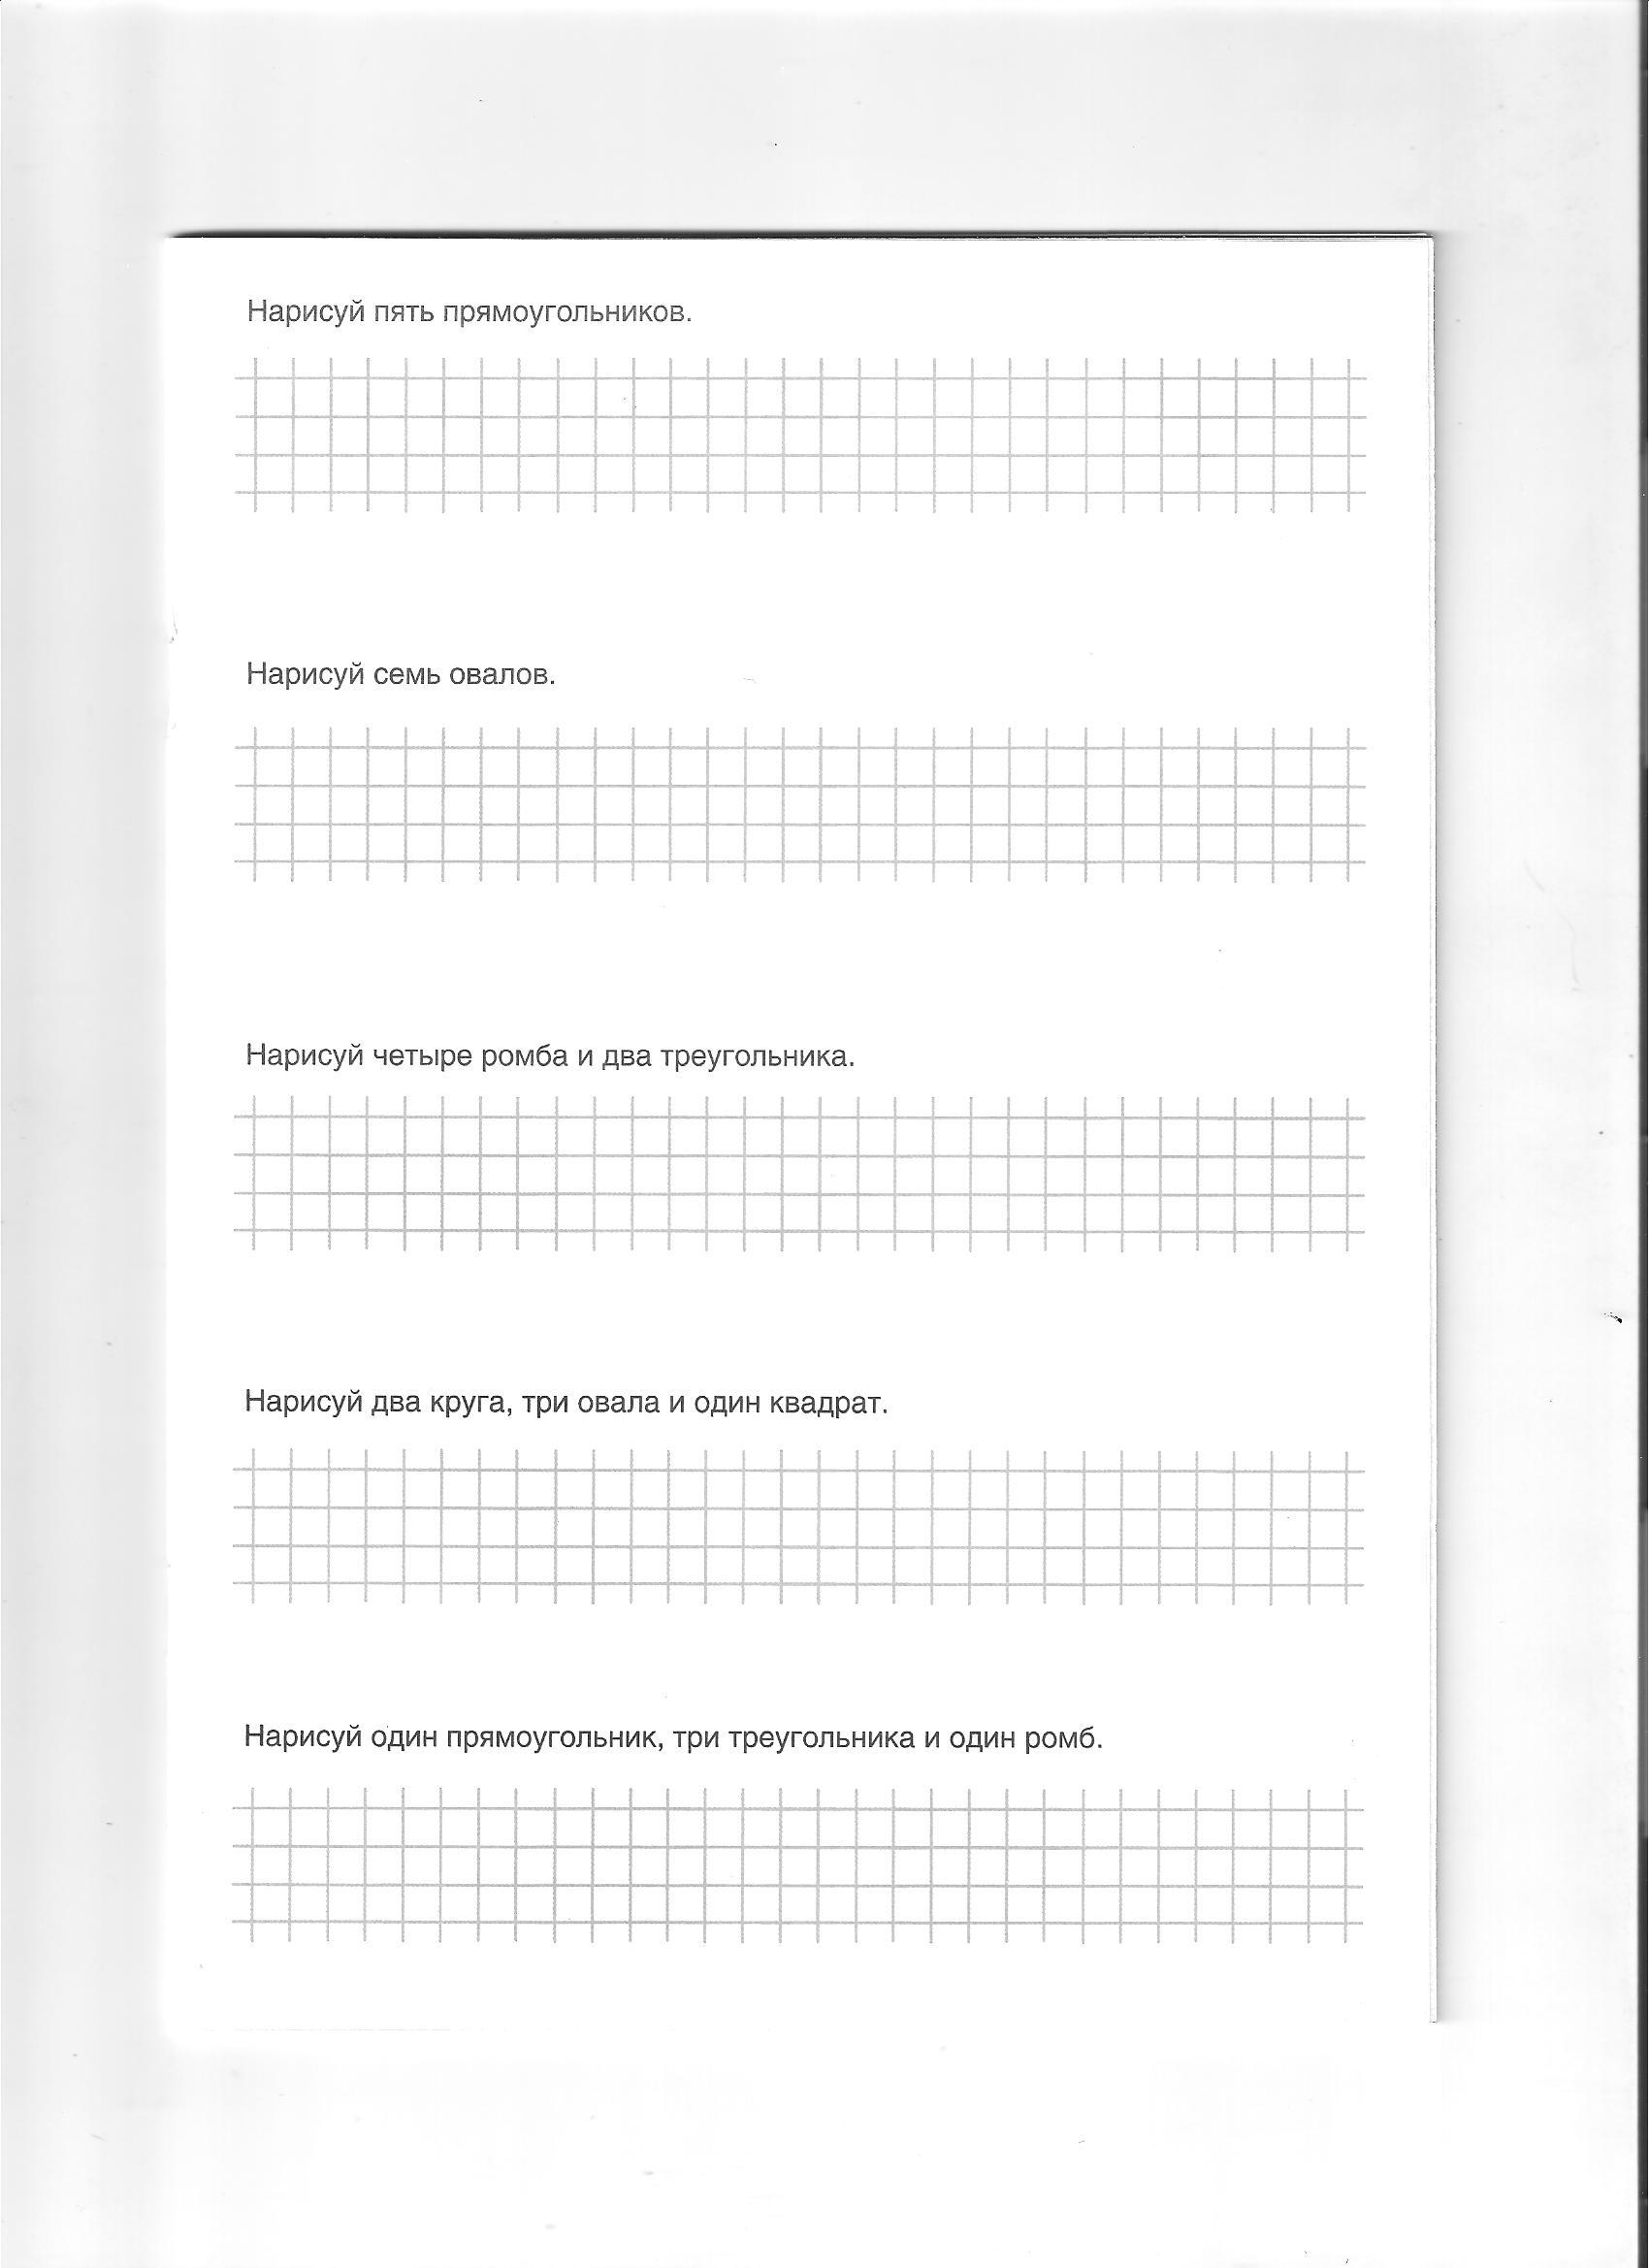 C:\Documents and Settings\Admin\Мои документы\Мои рисунки\Изображение\Изображение 022.jpg